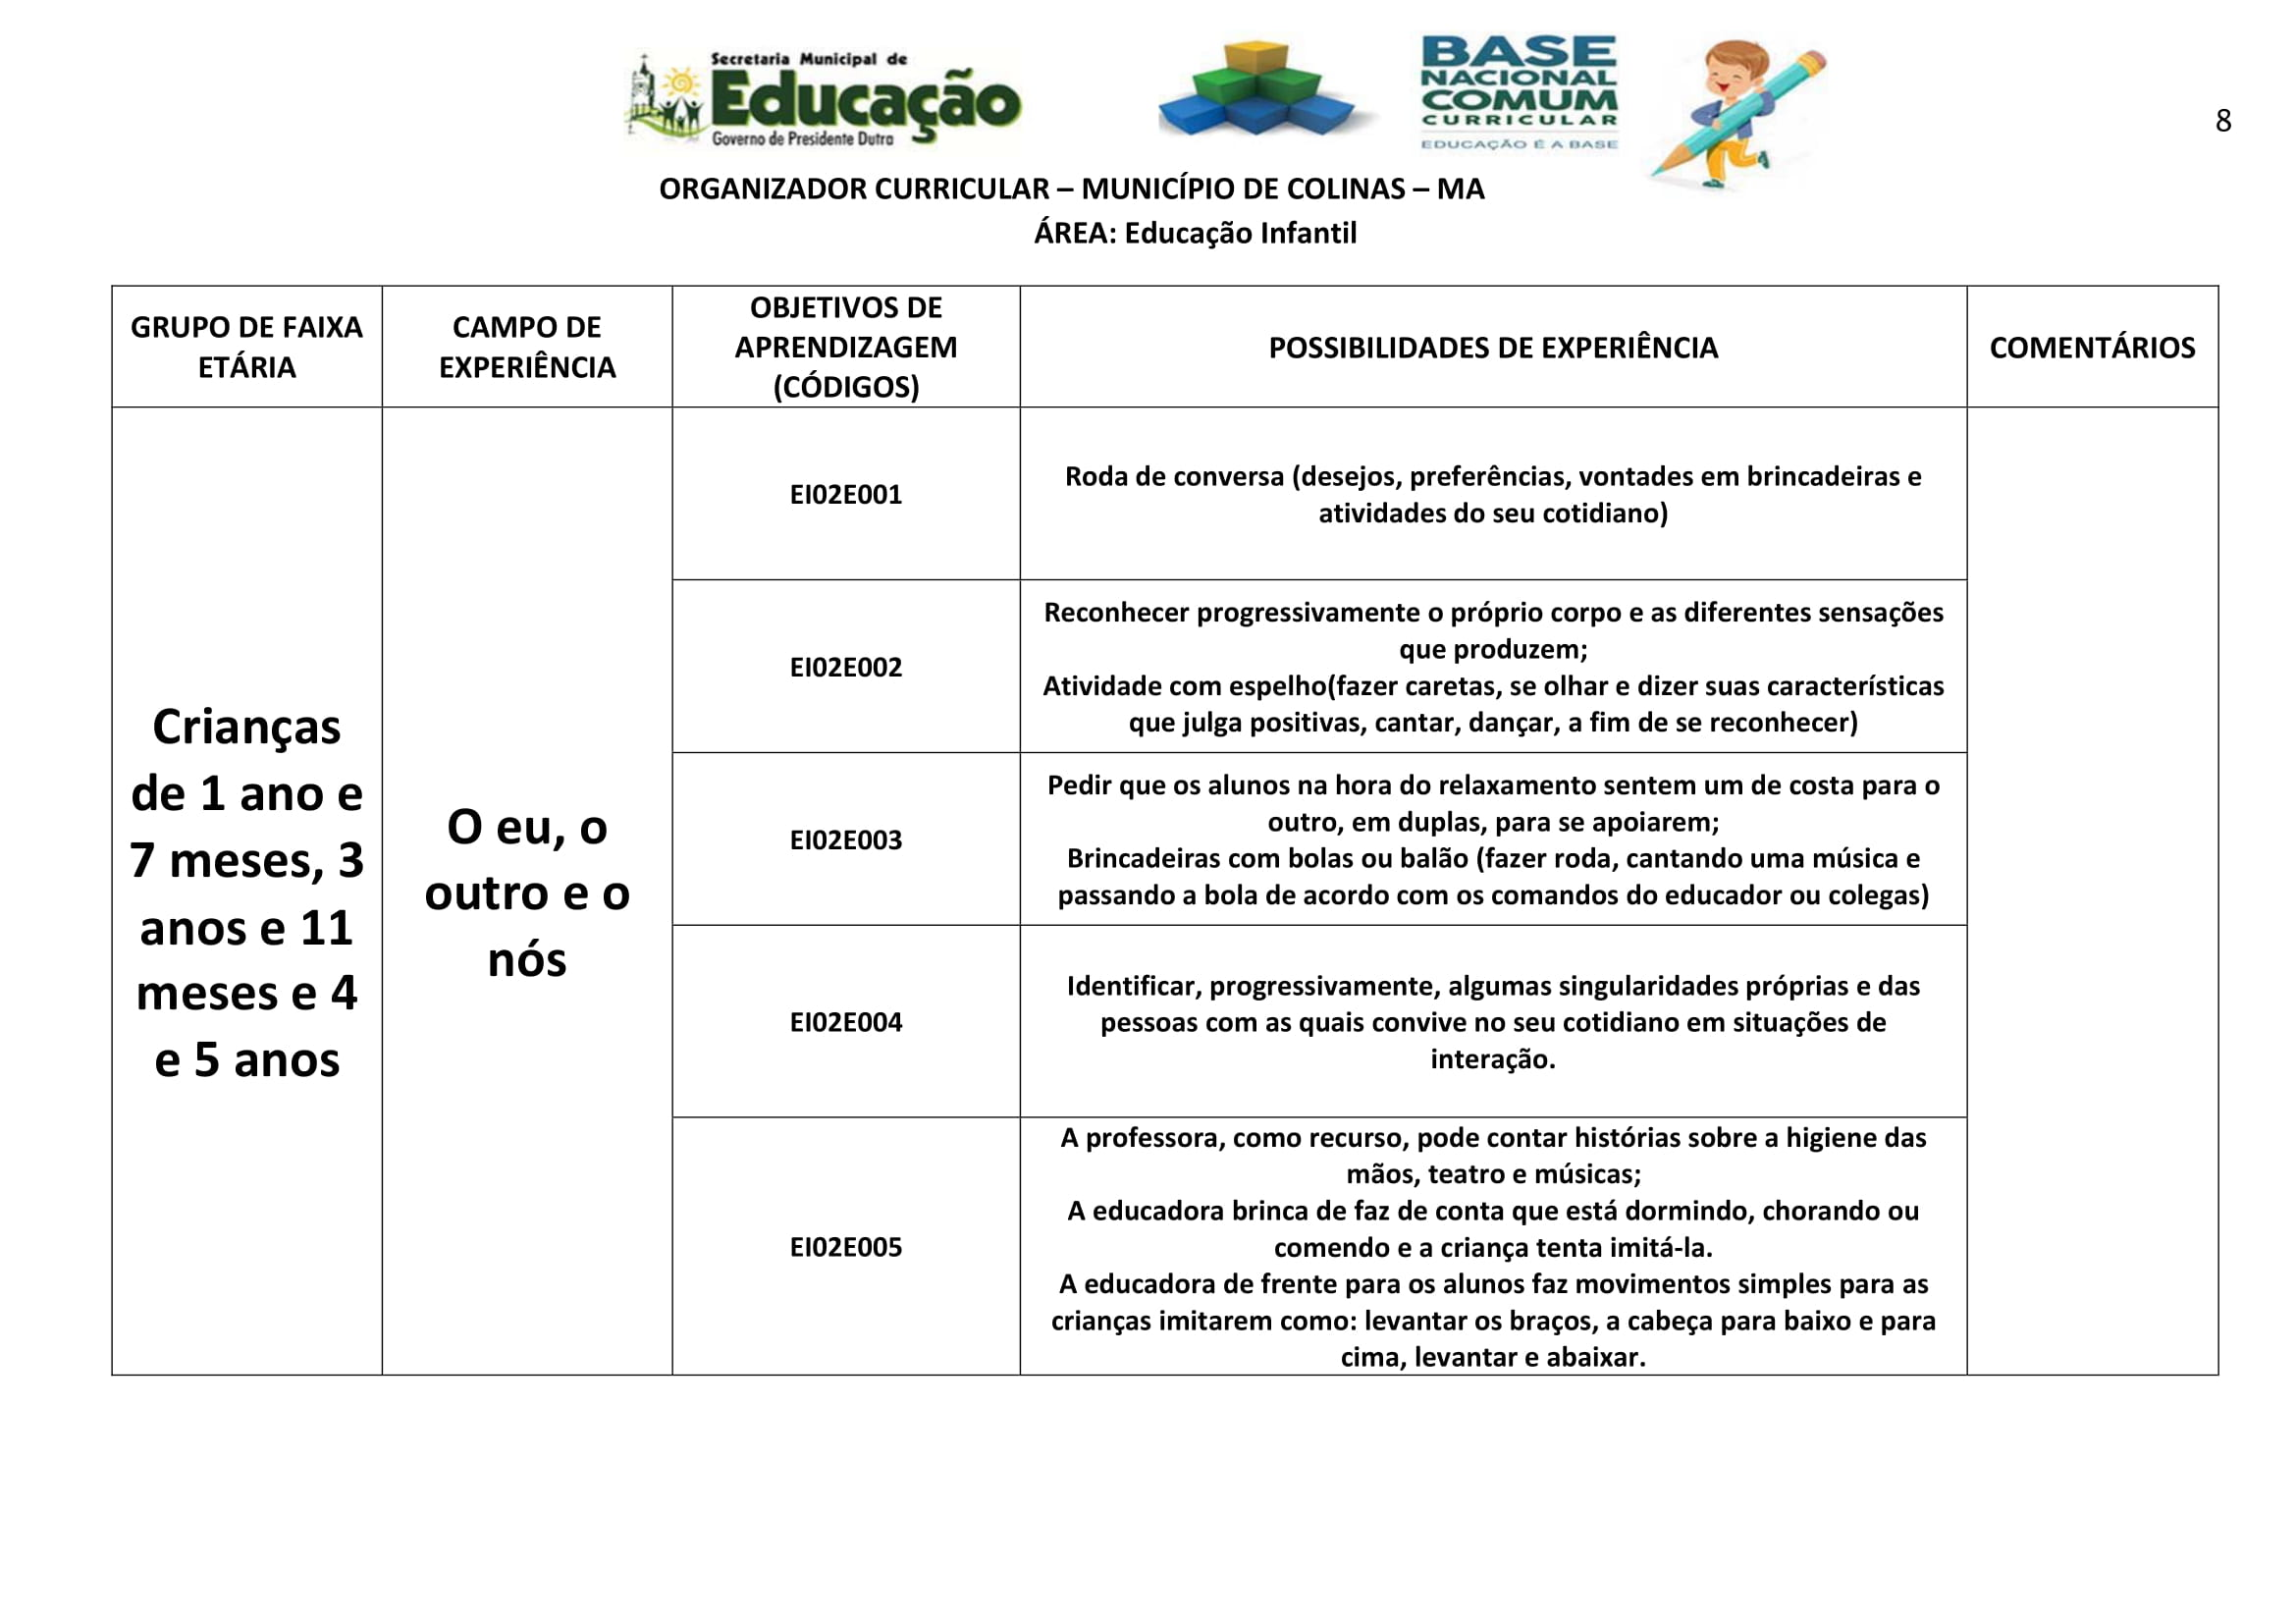 planejamento-educação-infantil-bncc-geral-38